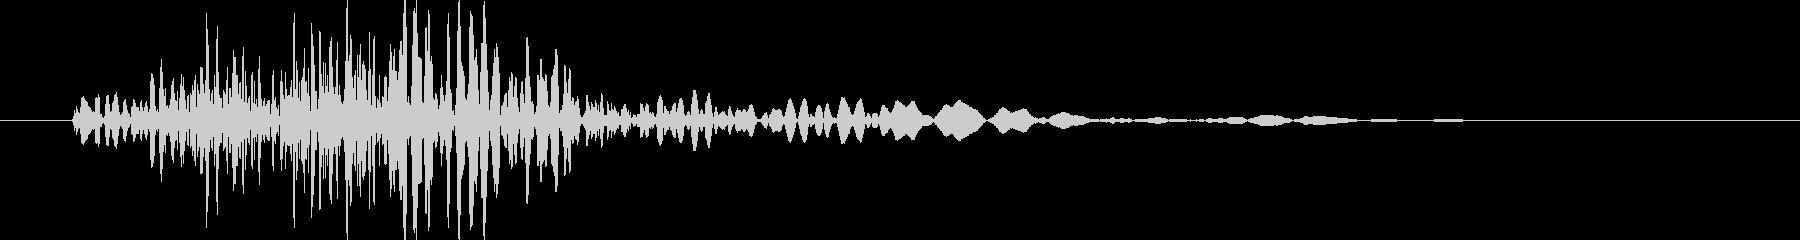 剣や刀/鞭,ムチ/ 風切り音 02の未再生の波形